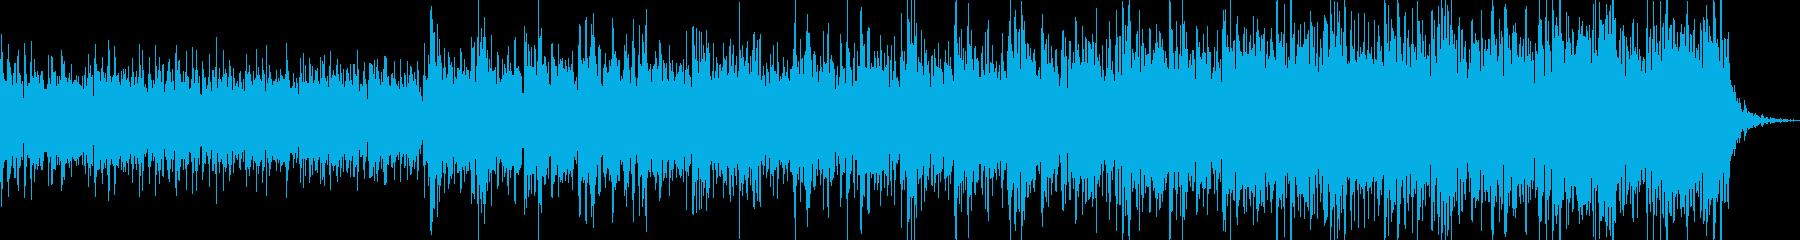 電気音響シンフォニー 神経質 ワイ...の再生済みの波形